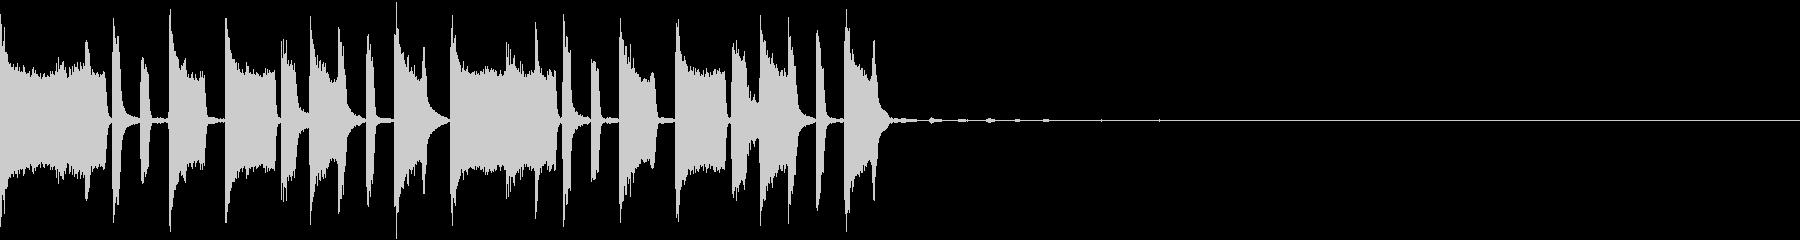 コミカルなトラップジングルの未再生の波形